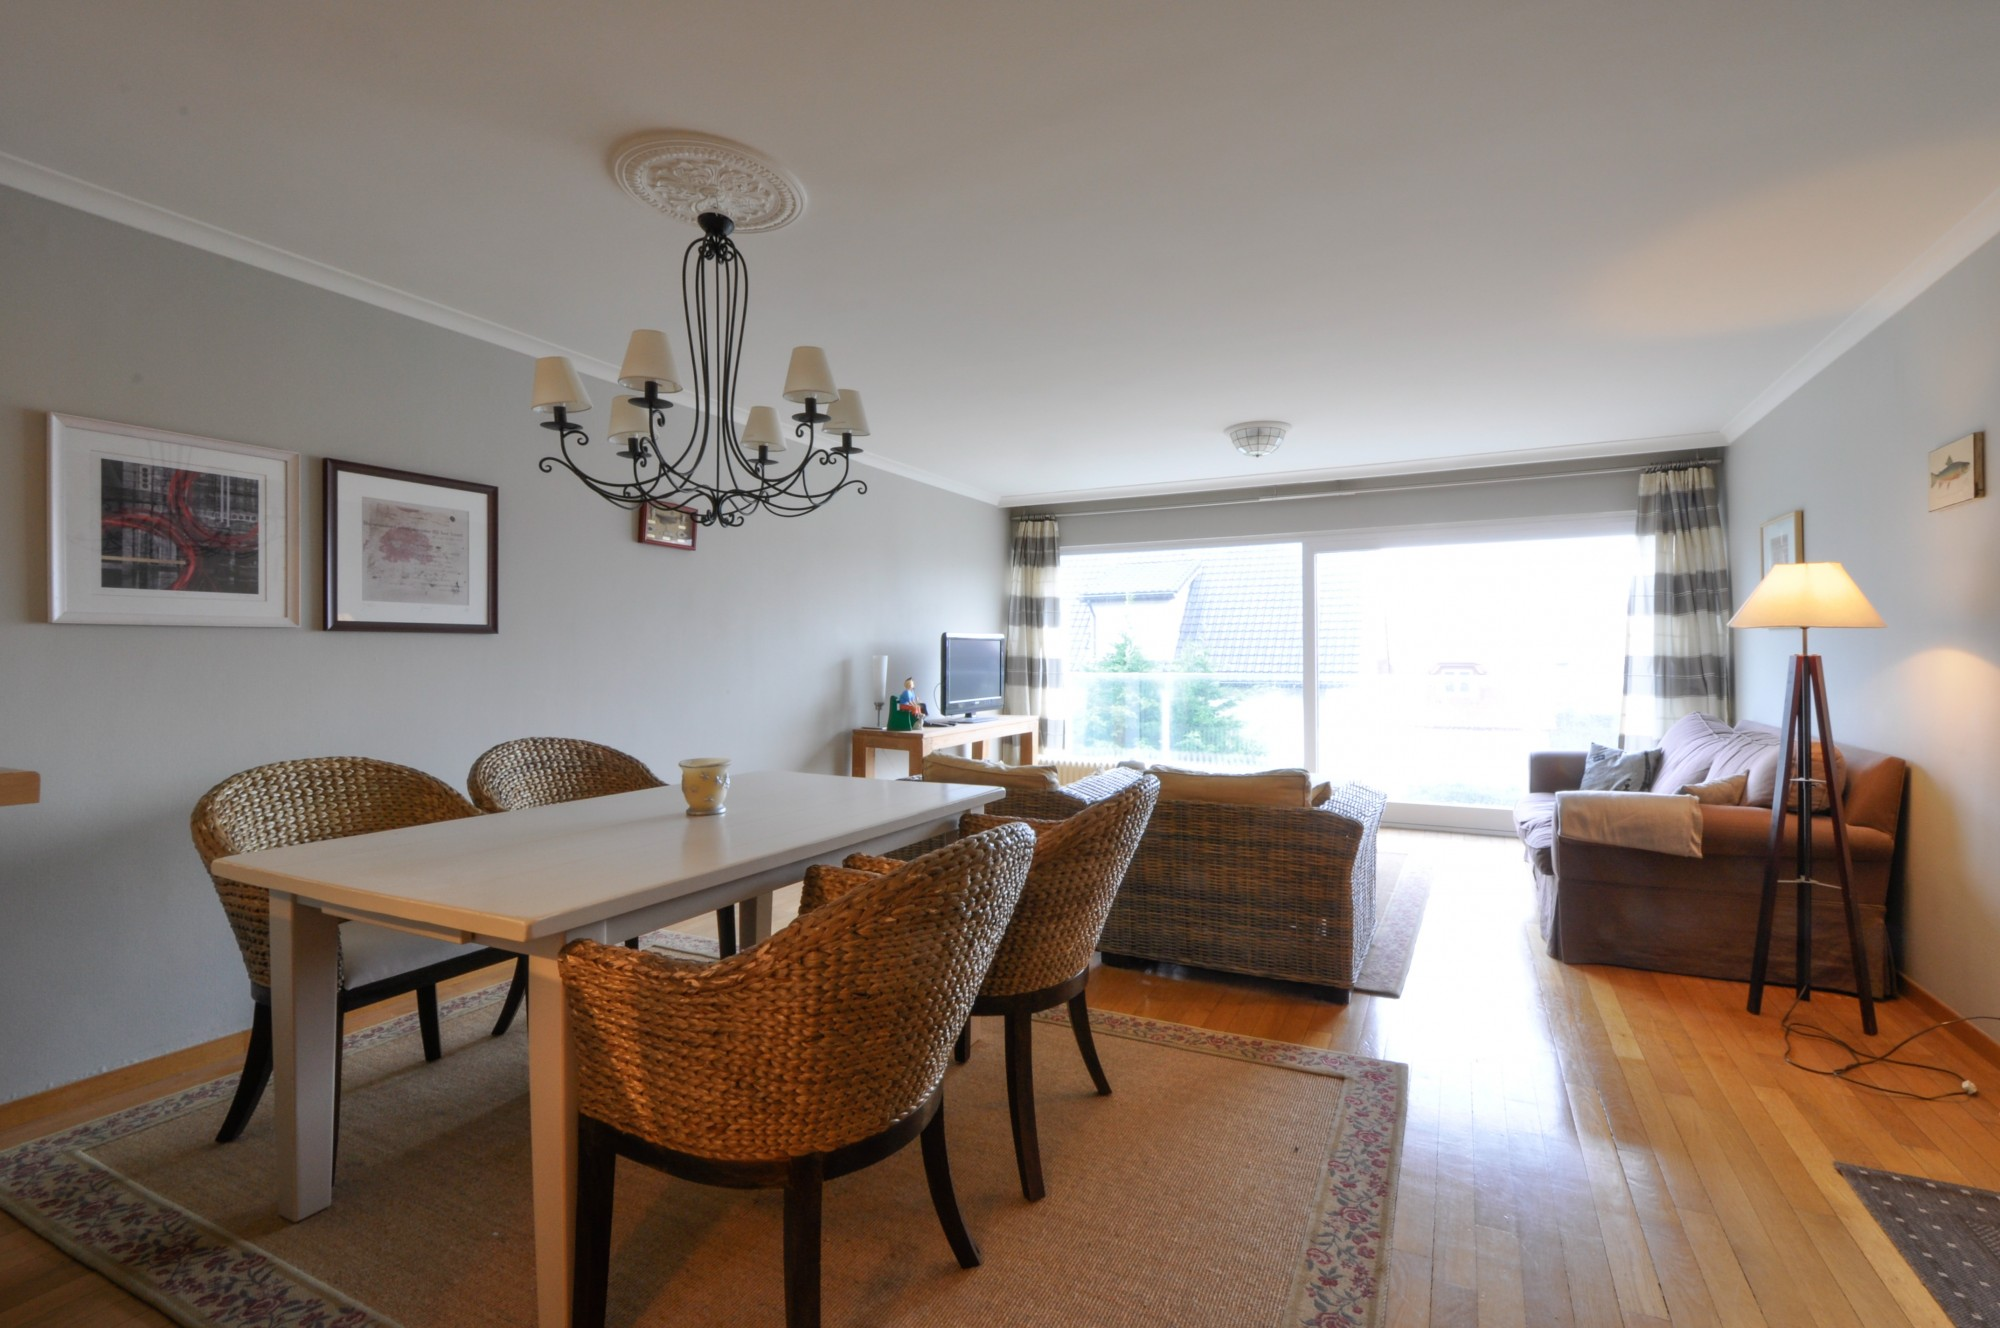 Vente Appartement 2 CH Knokke-Heist - villa résidentielle près d'Albertplage